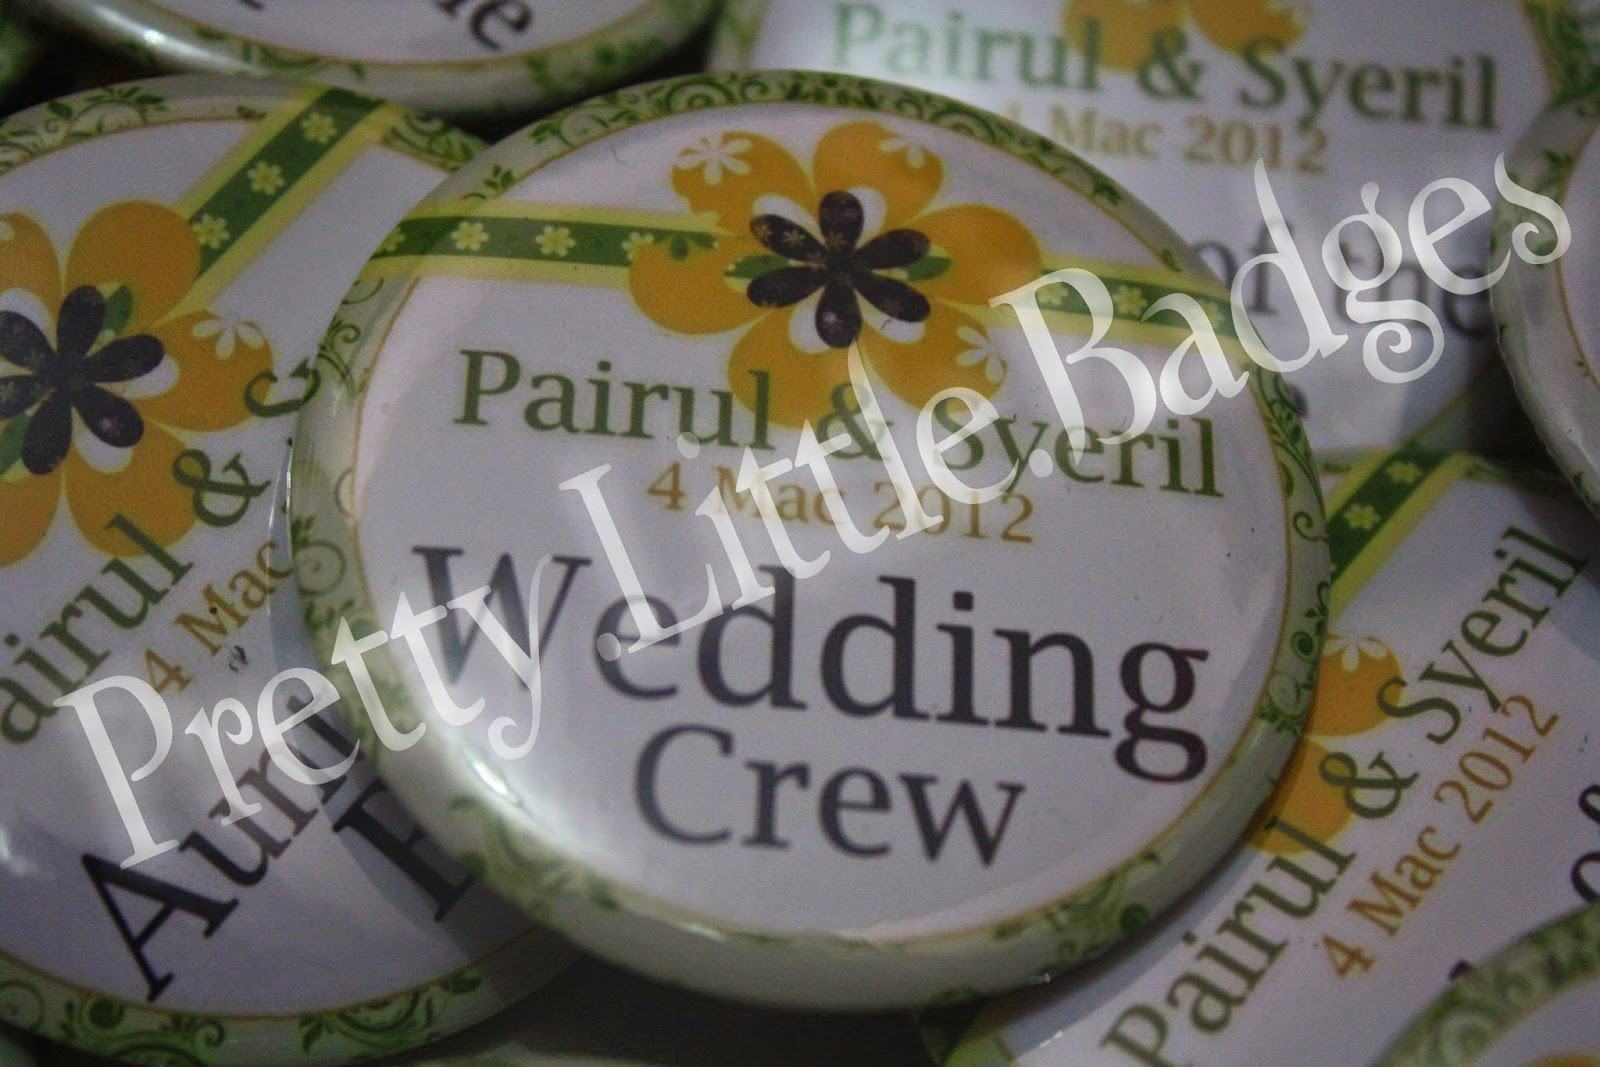 http://prettylittle-artsndesign.blogspot.com/p/kod-sunflower.html